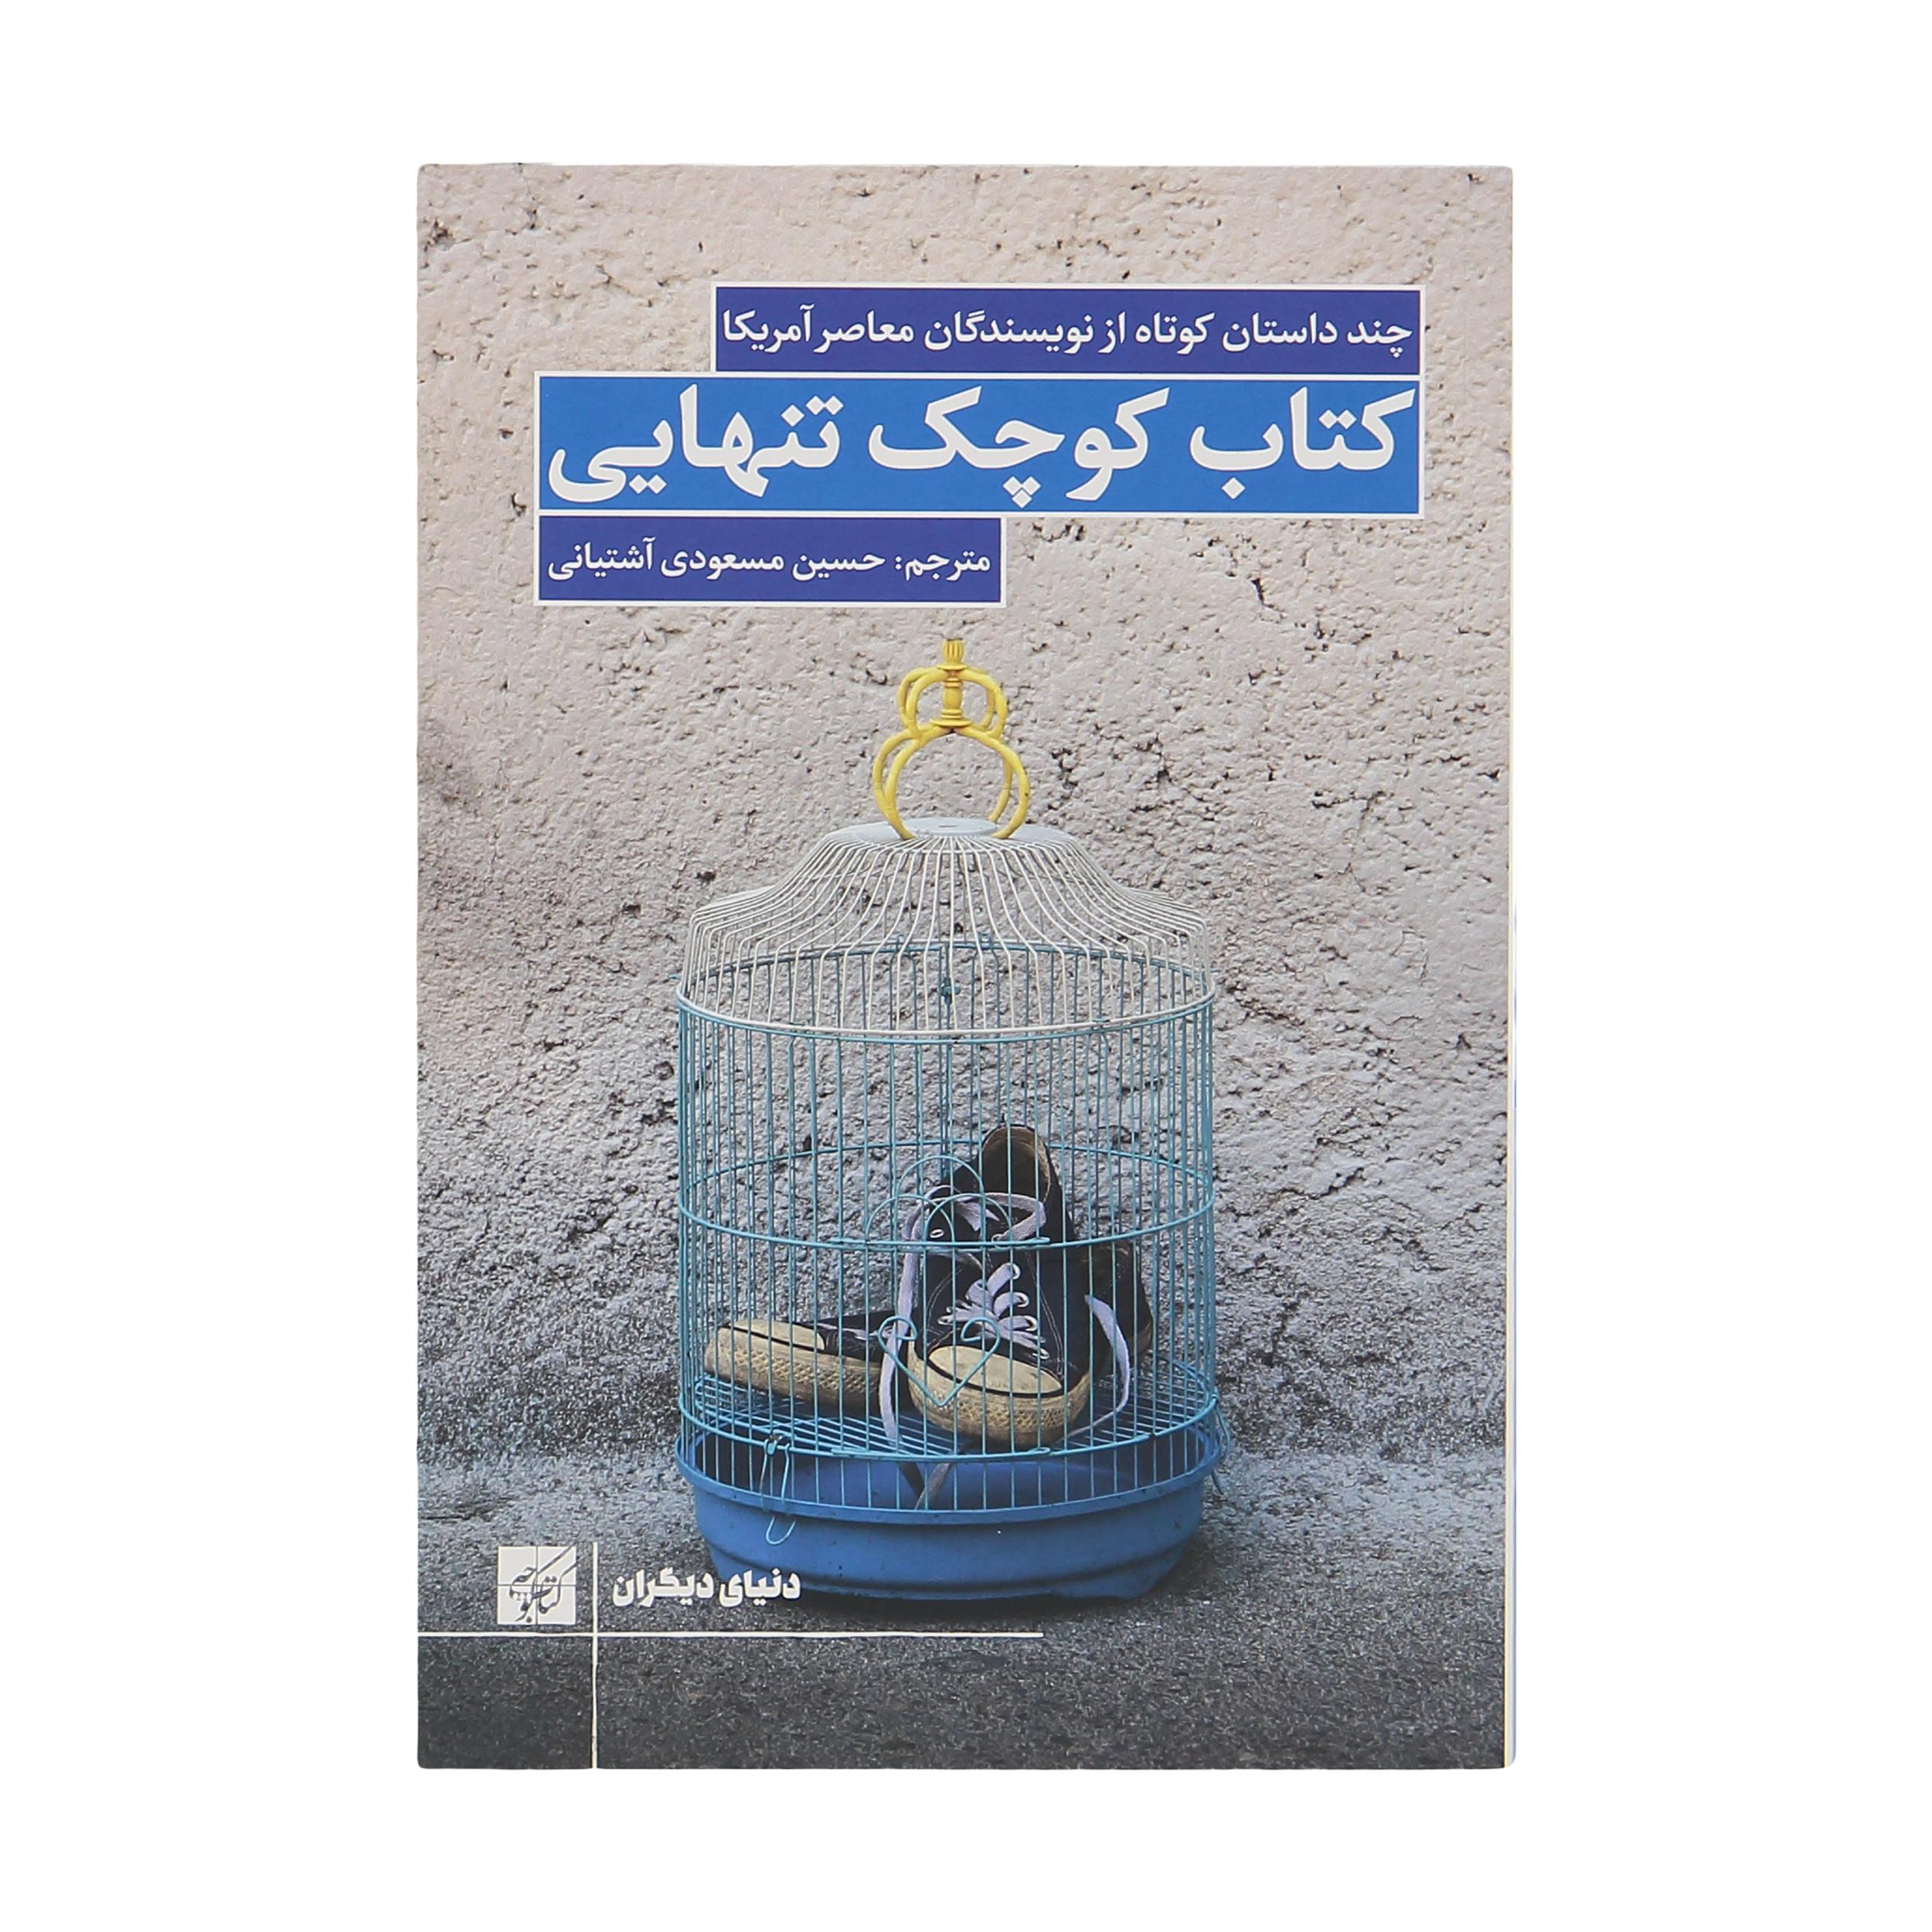 کتاب کوچک تنهایی اثر جمعی از نویسندگان نشر کتاب کوچه